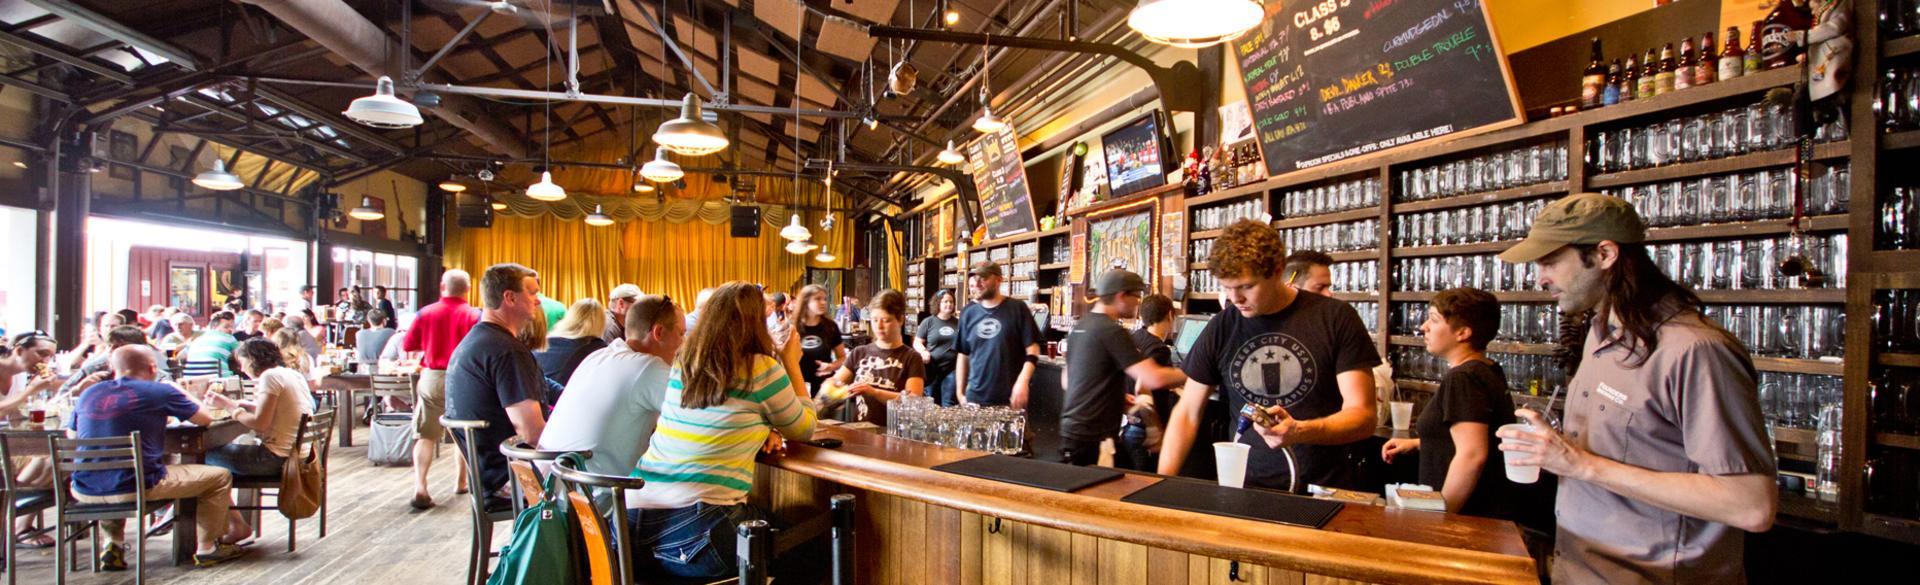 Bar at Founder's